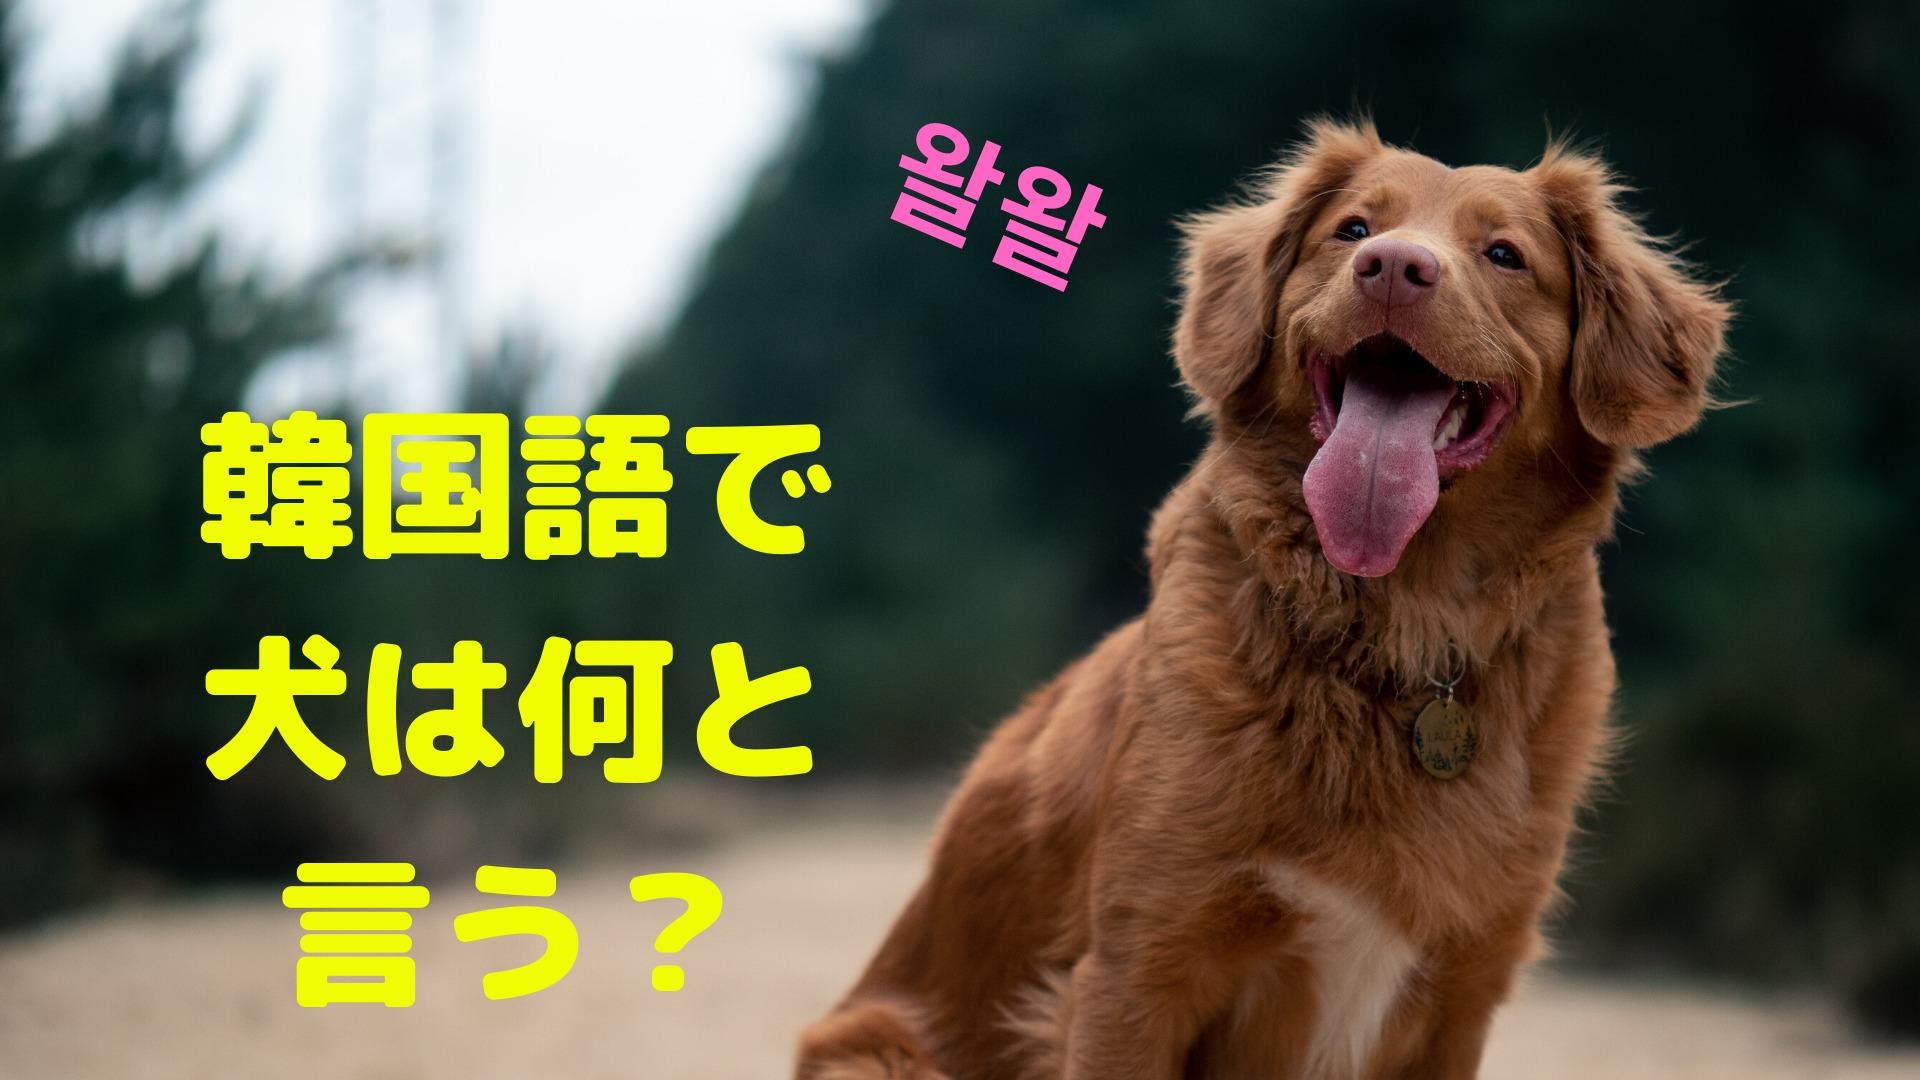 犬は韓国語でなんという?【韓国で最も愛されてるペット】